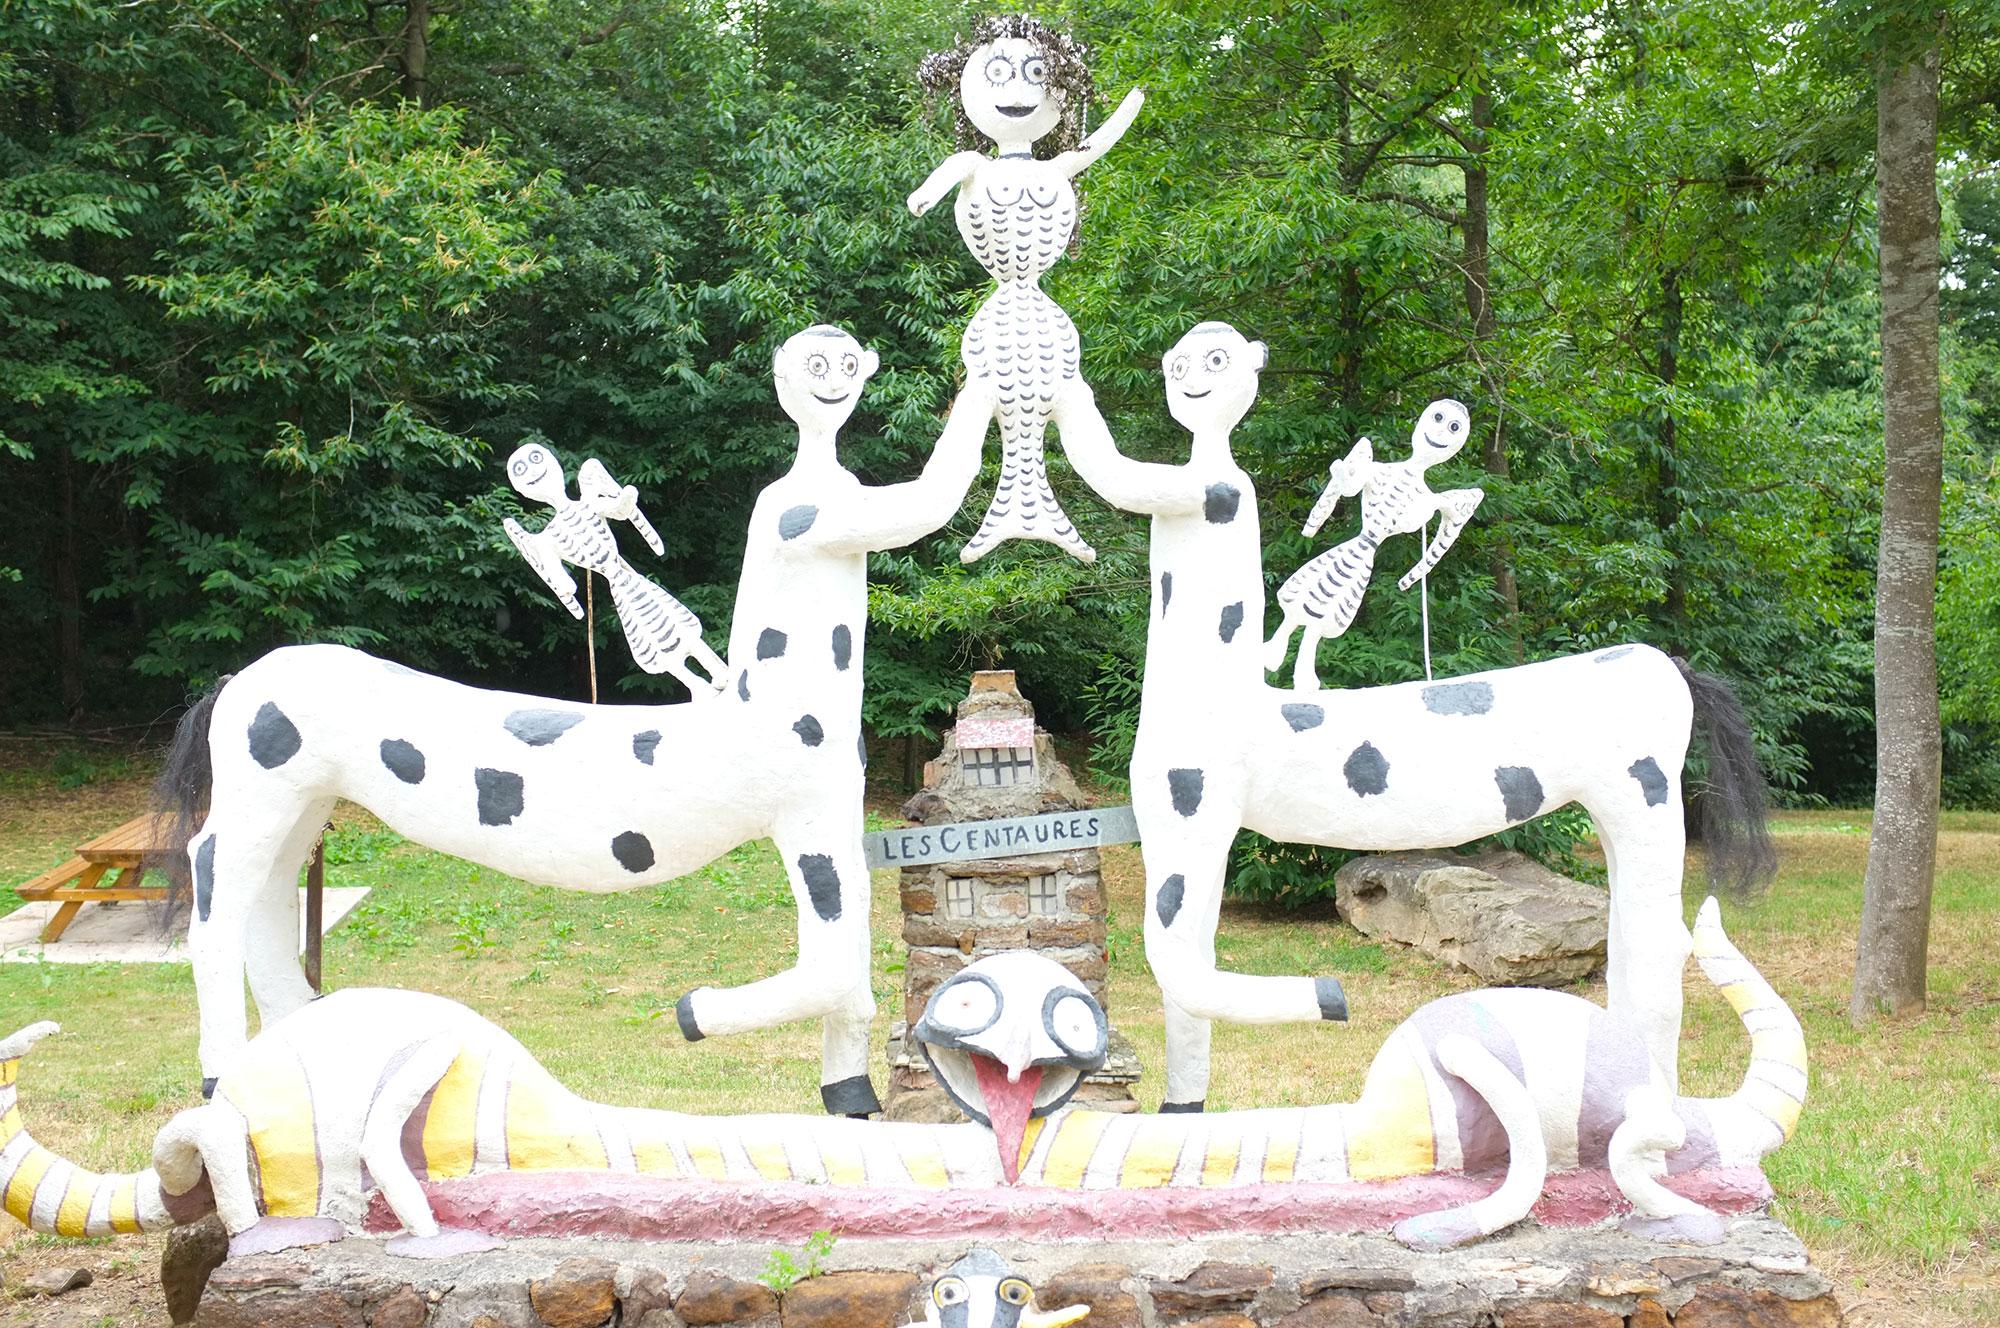 centaures tenant une sirène, jardin d'art brut de Fyé